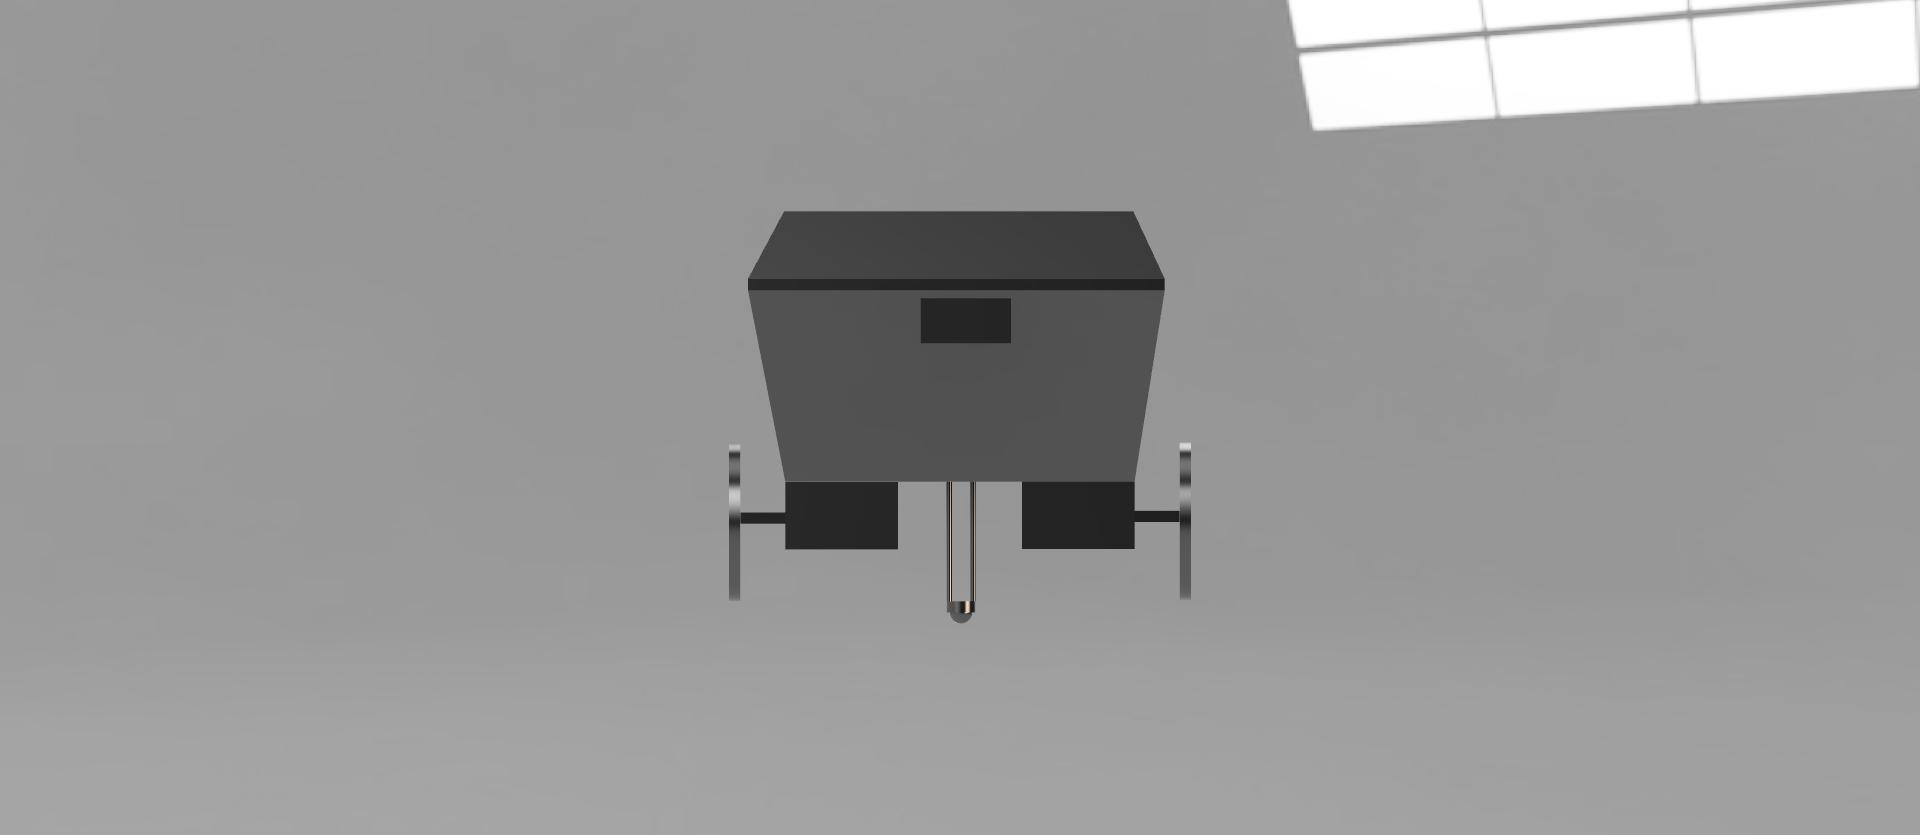 Rendered CAD Model - Front